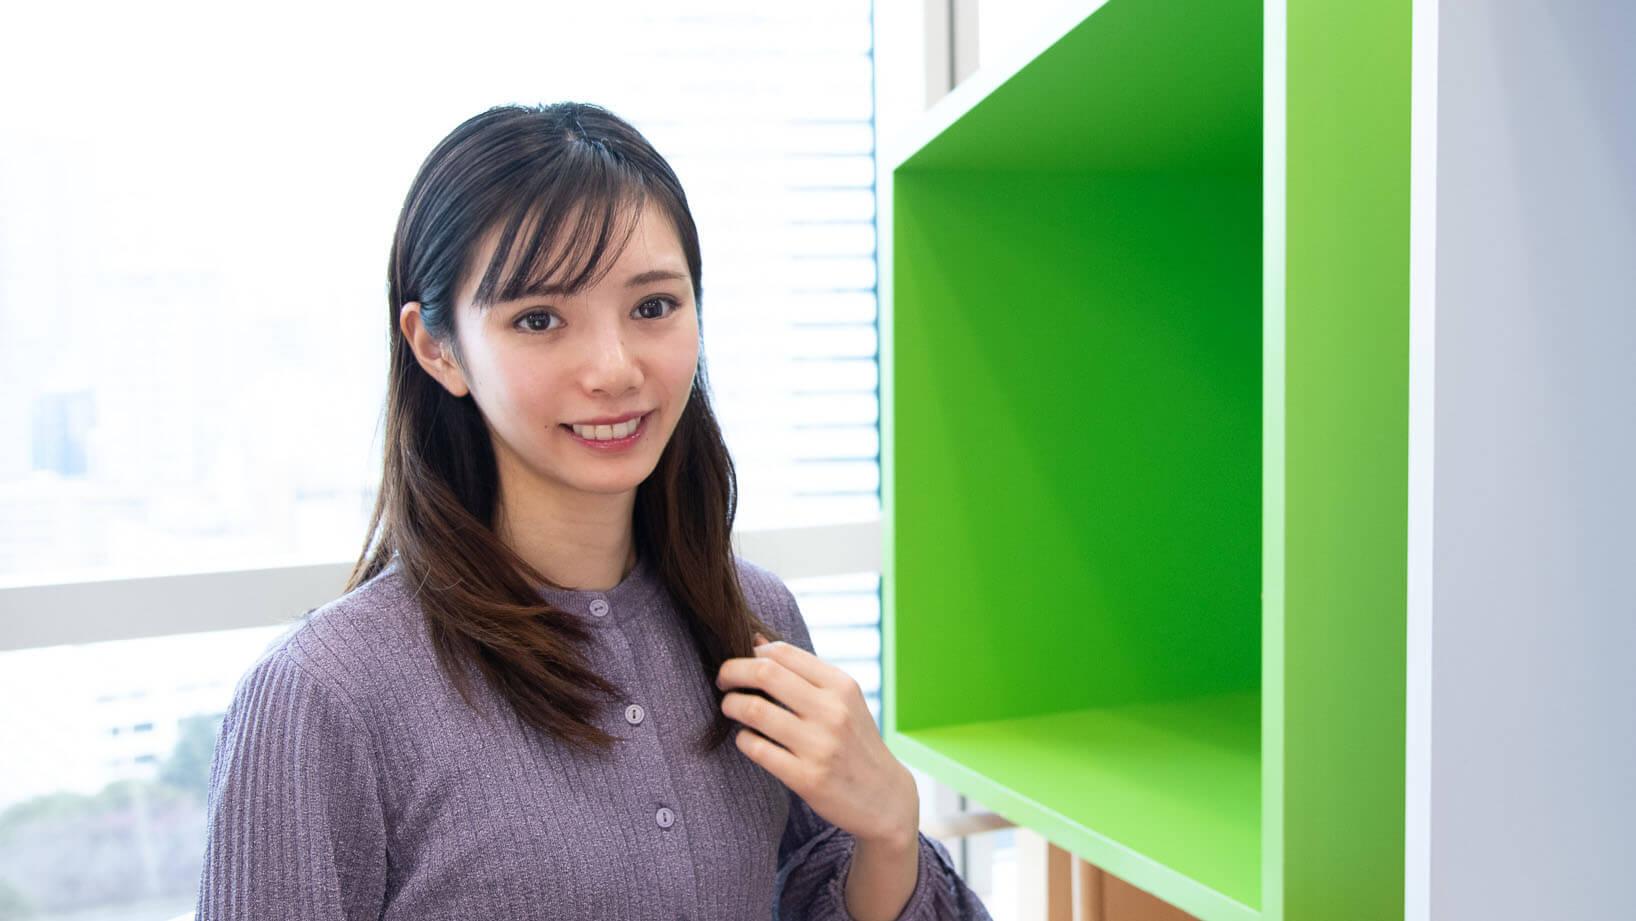 株式会社Meily 川井 優恵乃さん